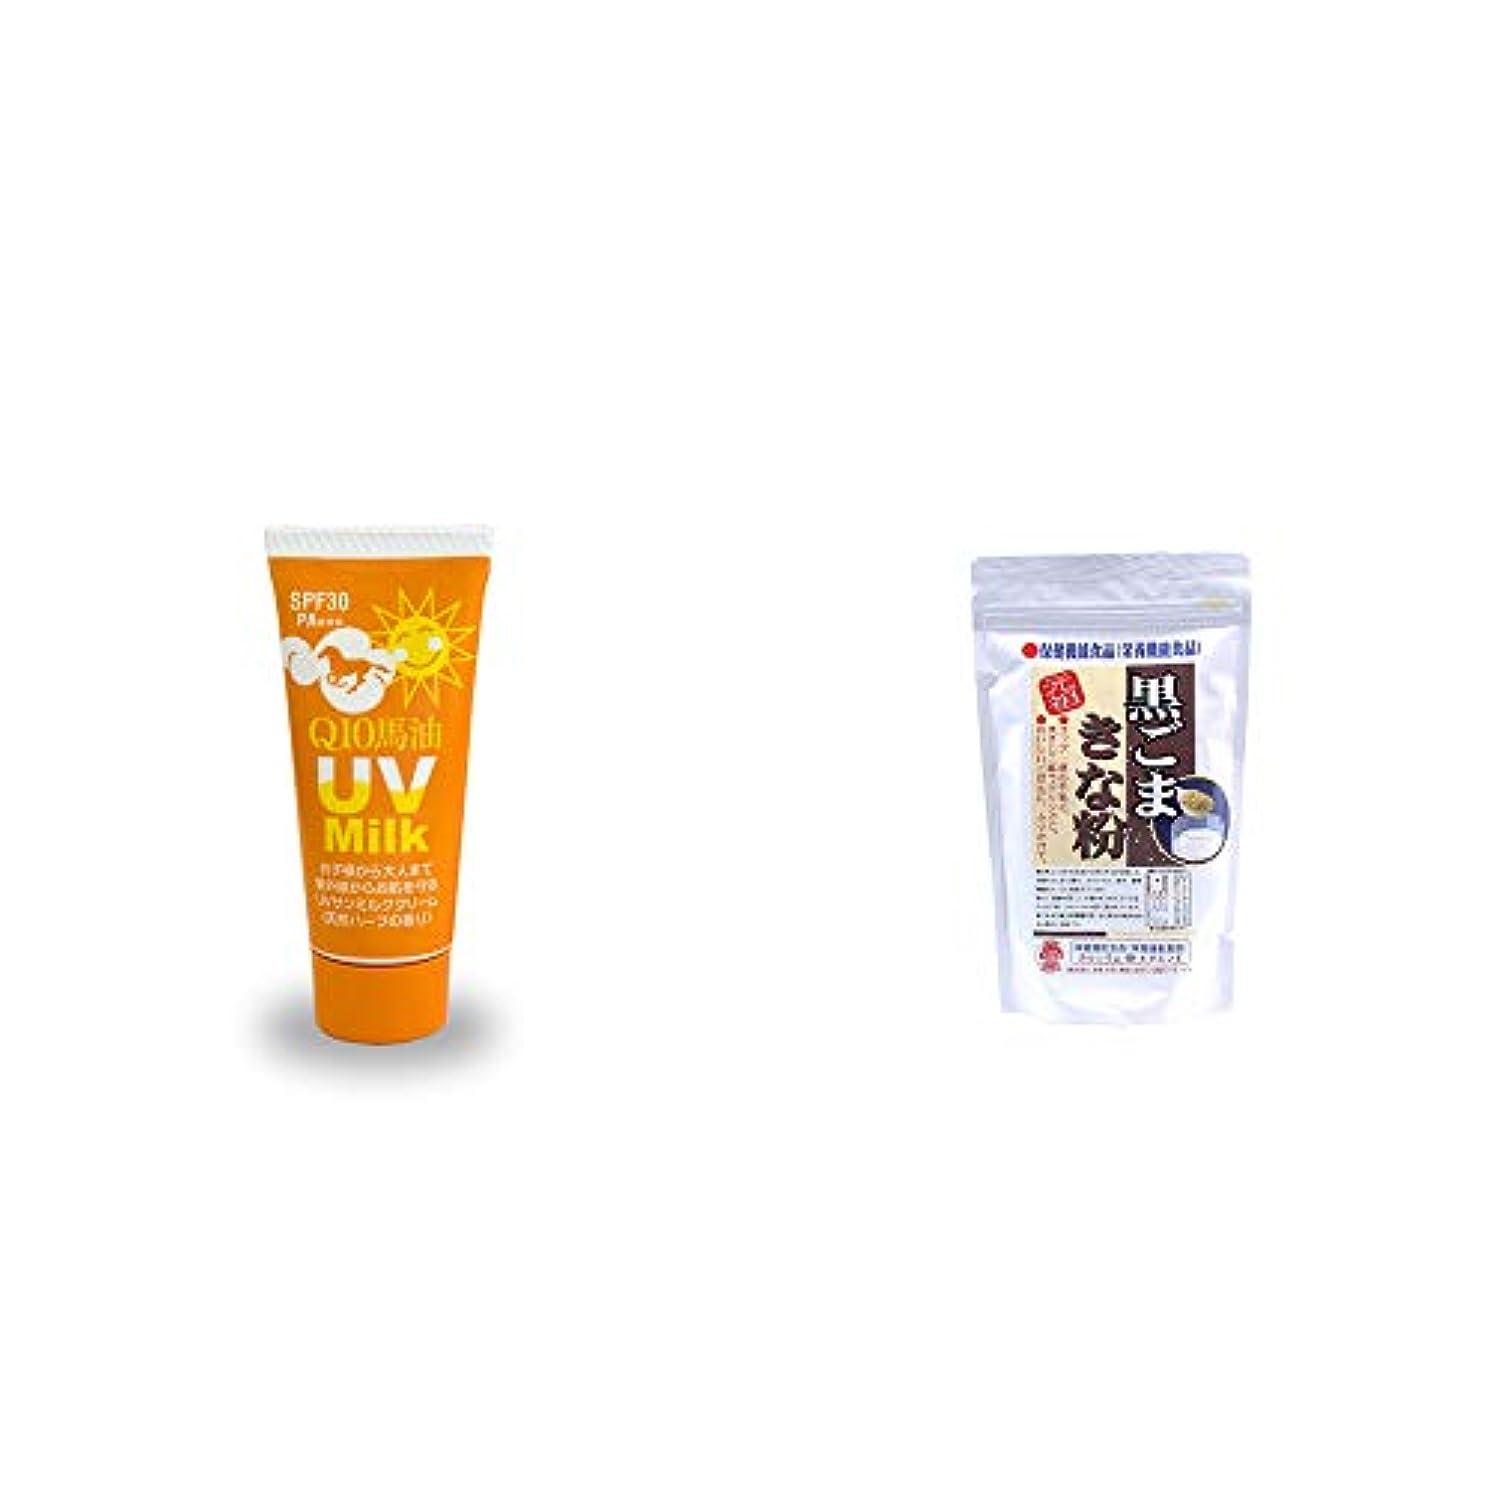 ラフト関数葉を拾う[2点セット] 炭黒泉 Q10馬油 UVサンミルク[天然ハーブ](40g)?黒ごまきな粉(270g)